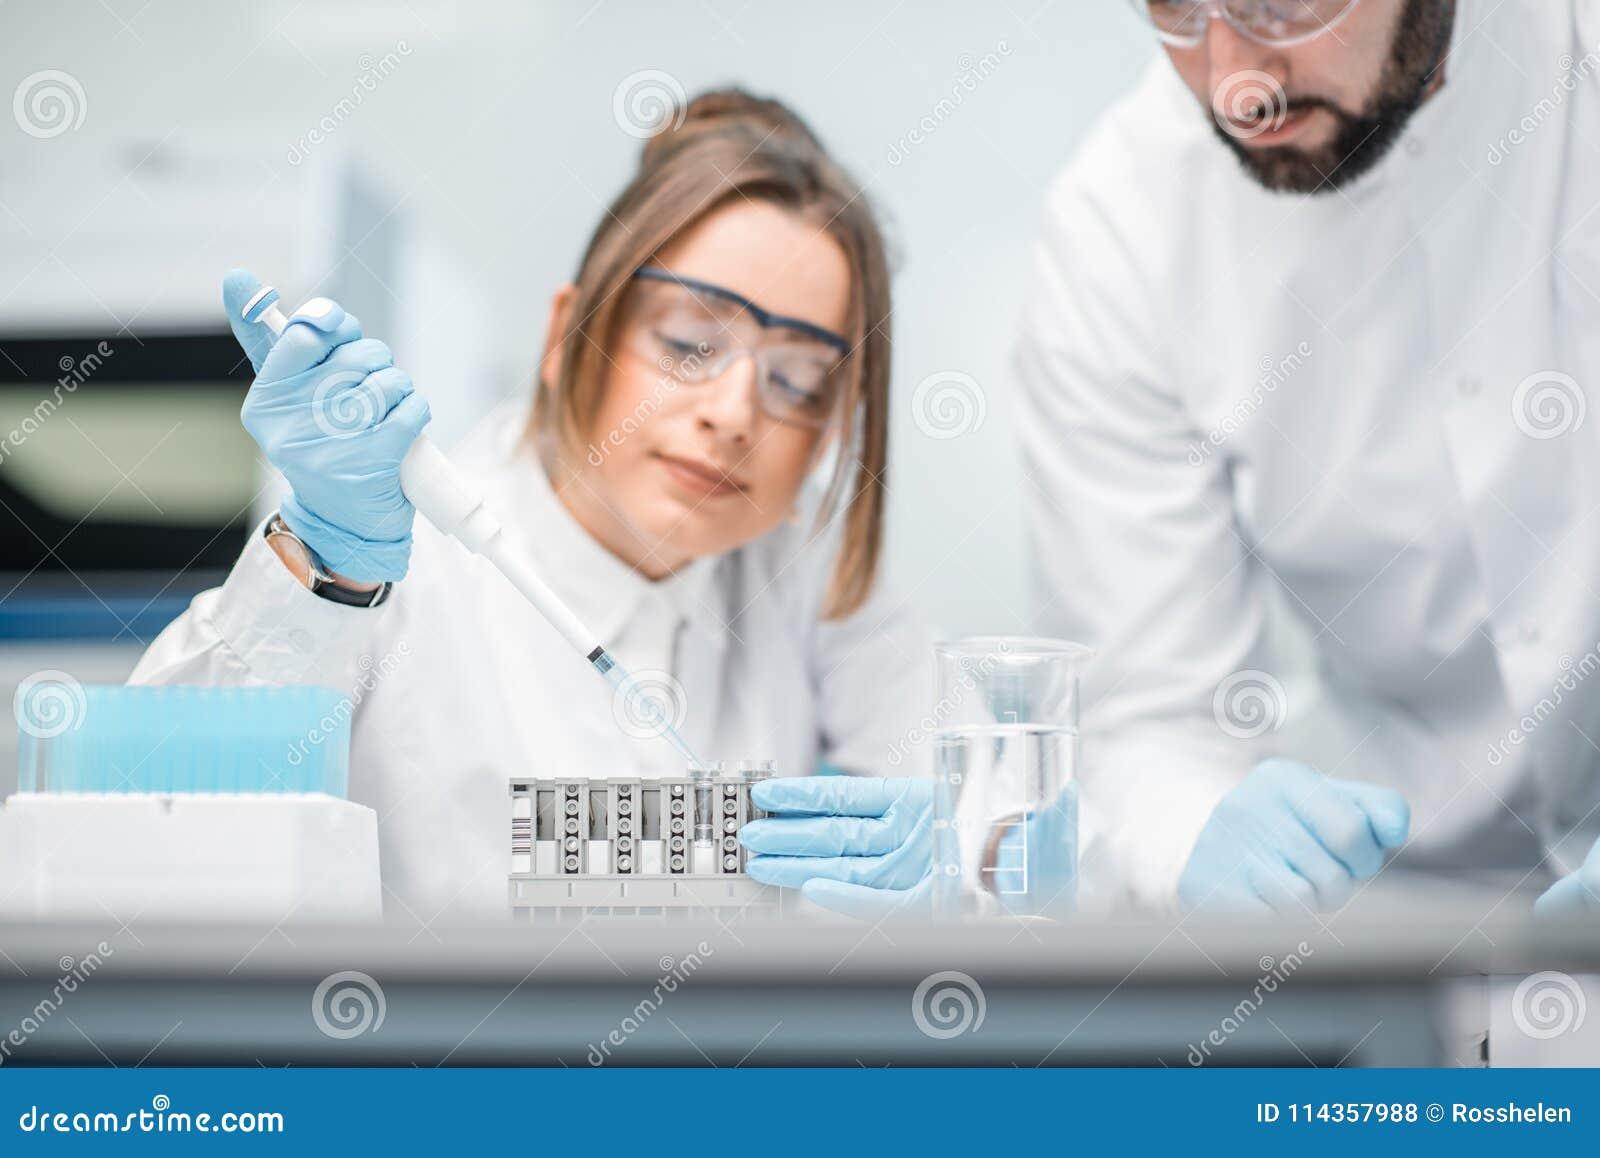 Ayudantes de laboratorio que trabajan en el laboratorio médico